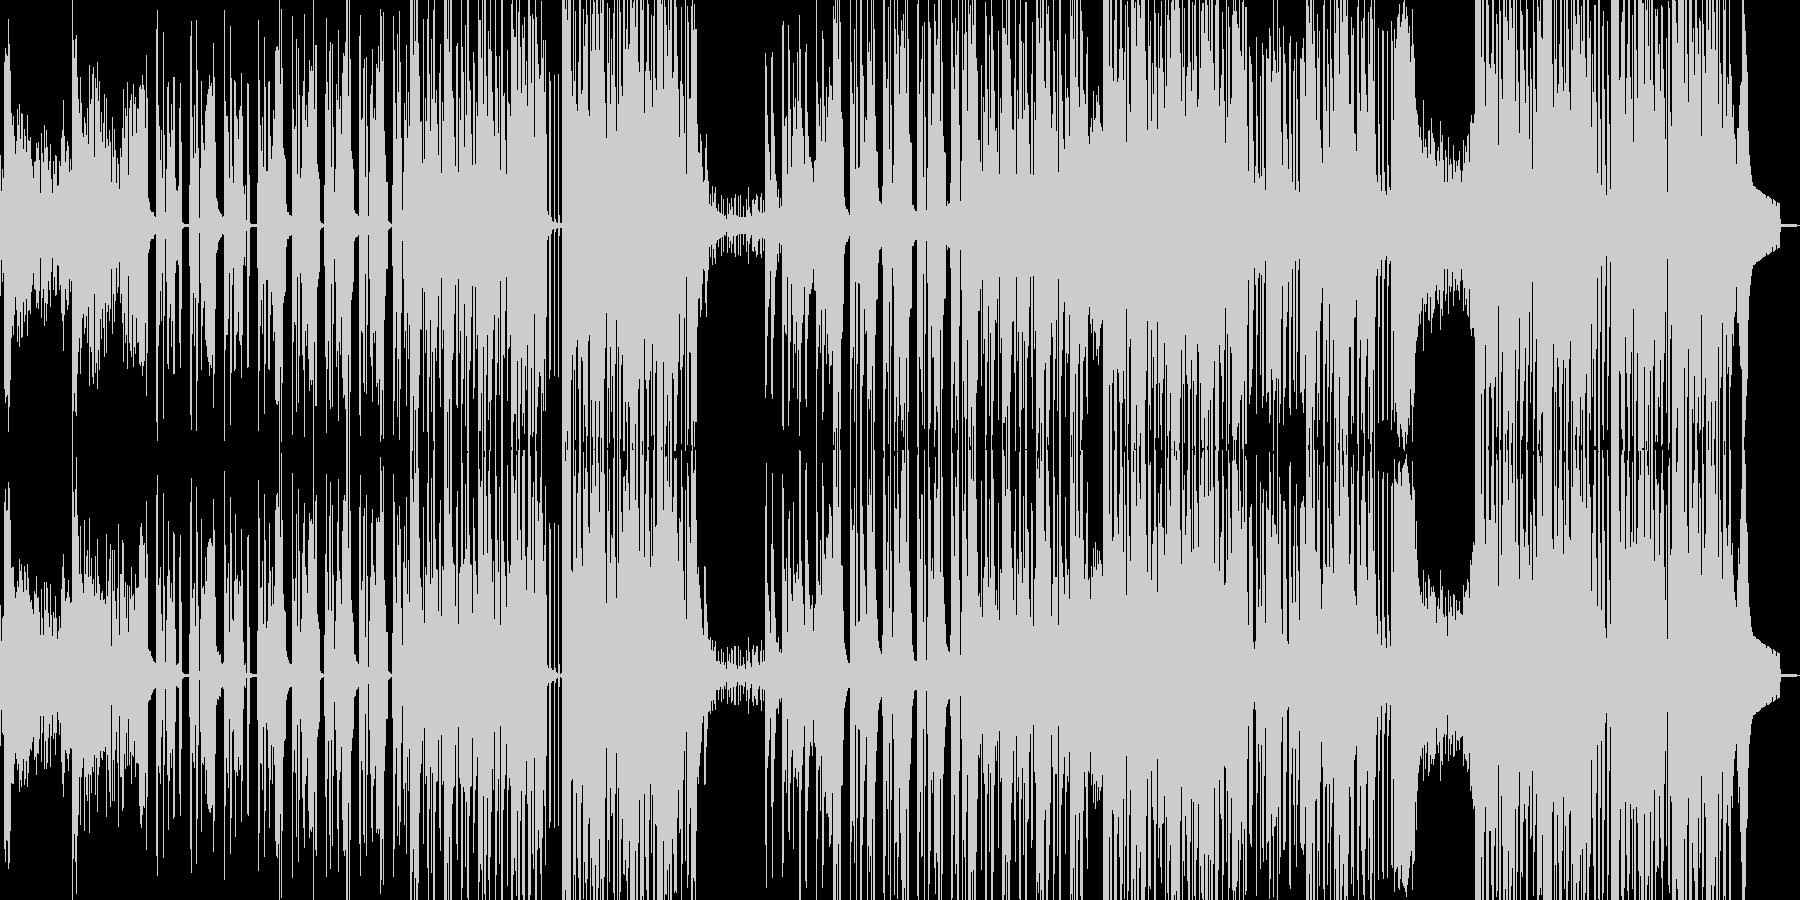 スリラー・民族ダークヒップホップ ★の未再生の波形